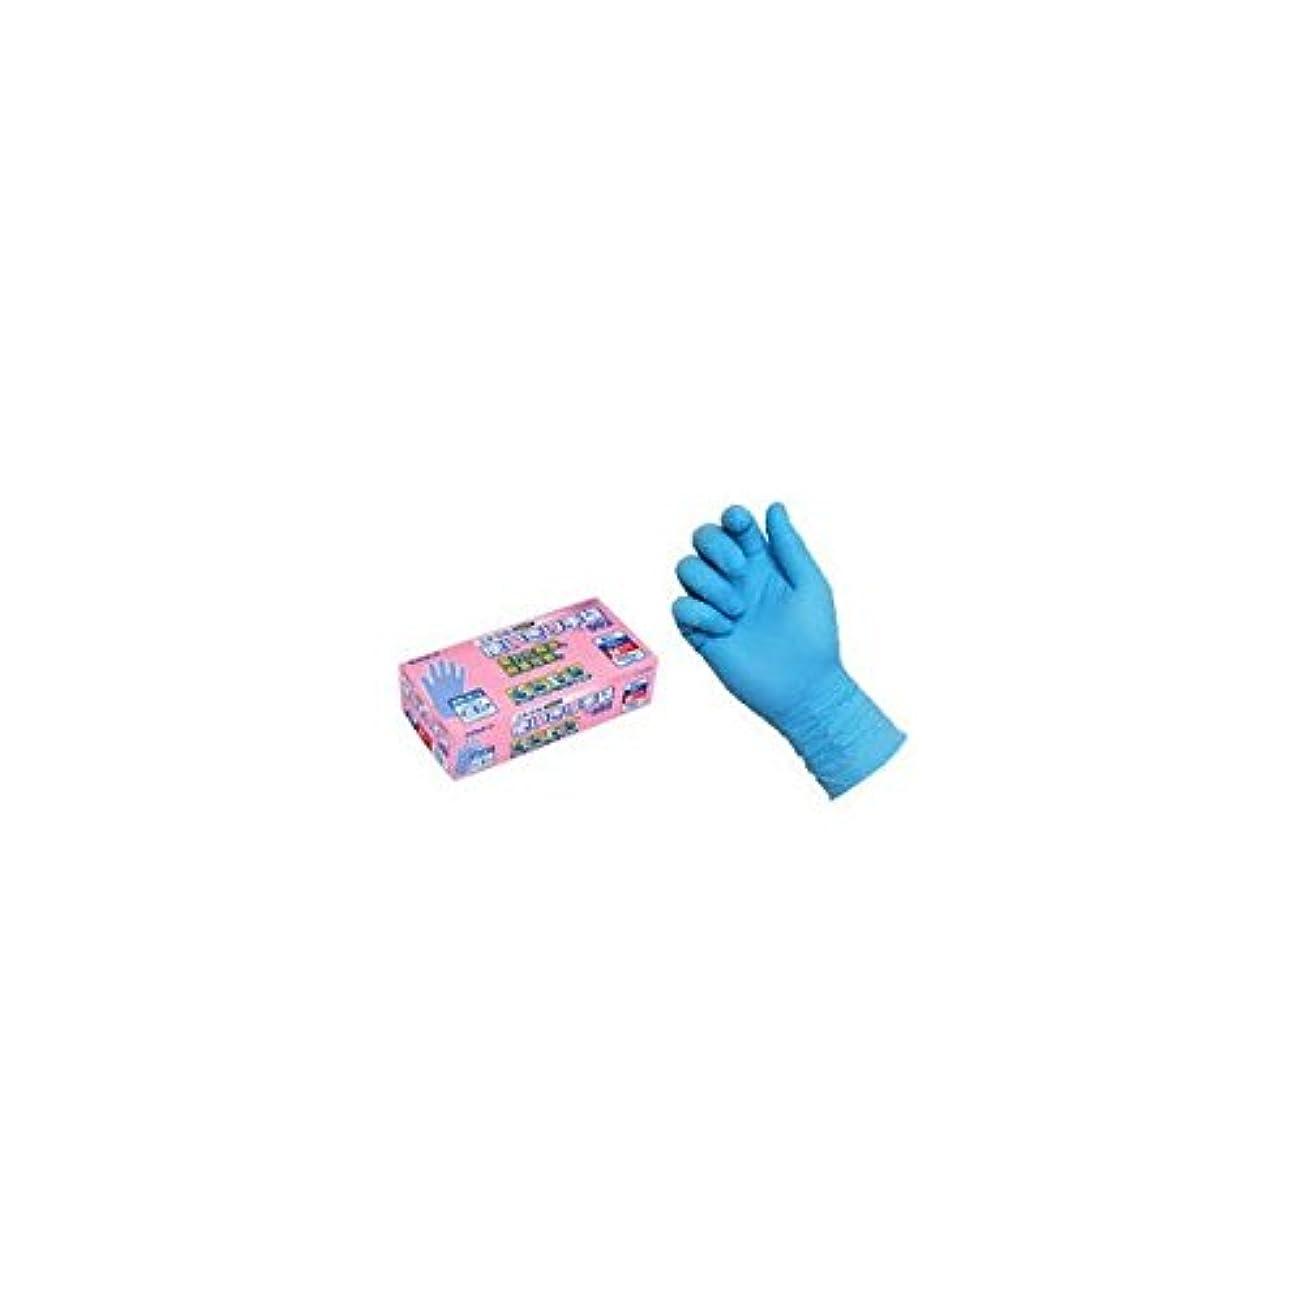 細分化する夢中後退するニトリル使いきり手袋 PF NO.992 S ブルー エステー 【商品CD】ST4762